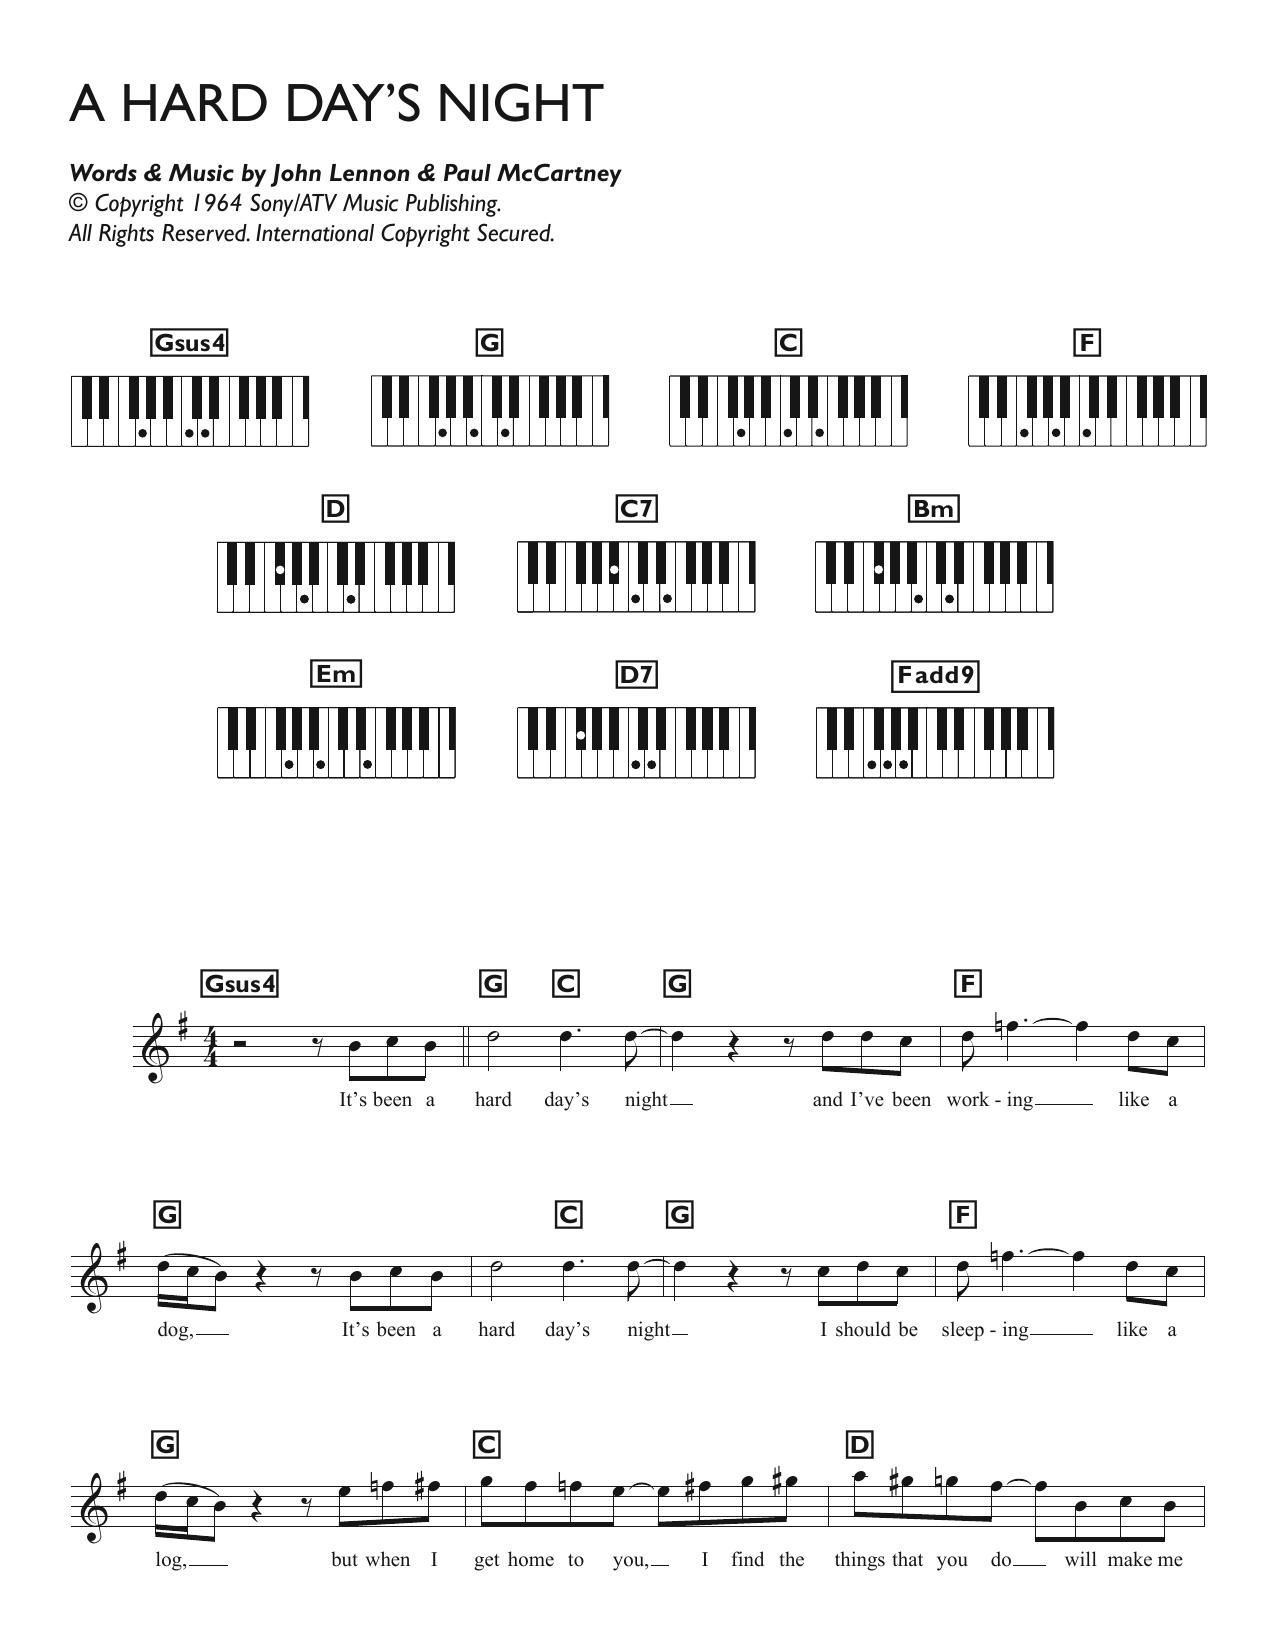 A Hard Day's Night Sheet Music